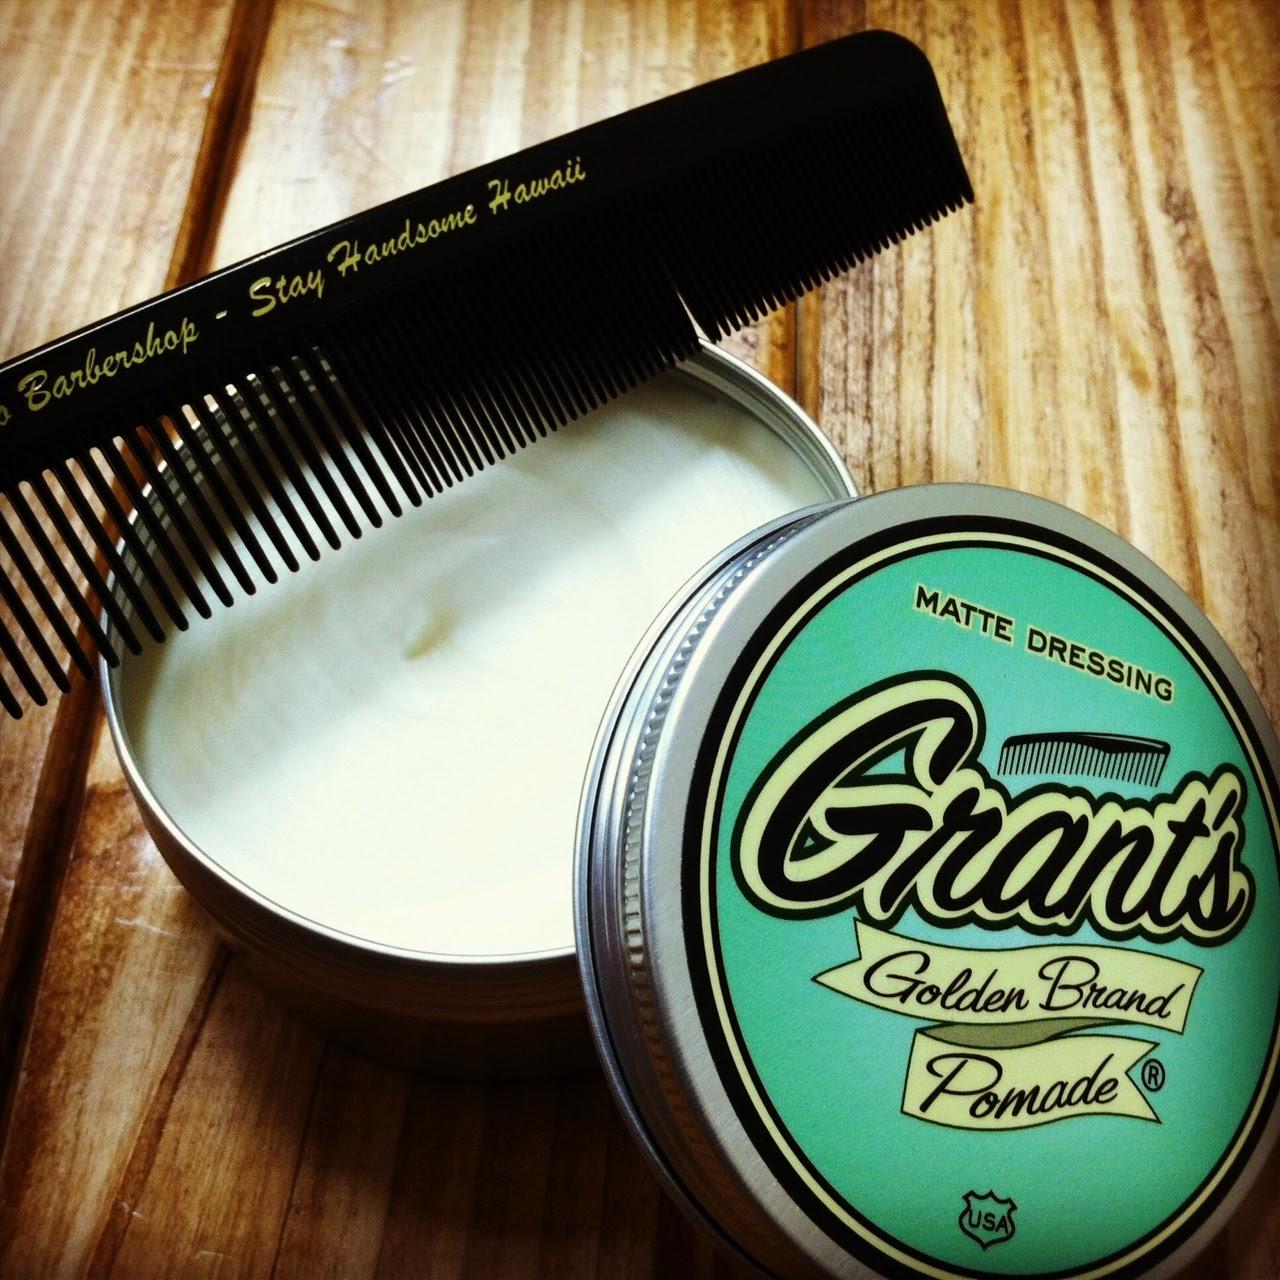 Apa Itu Pomade - Grants pomade